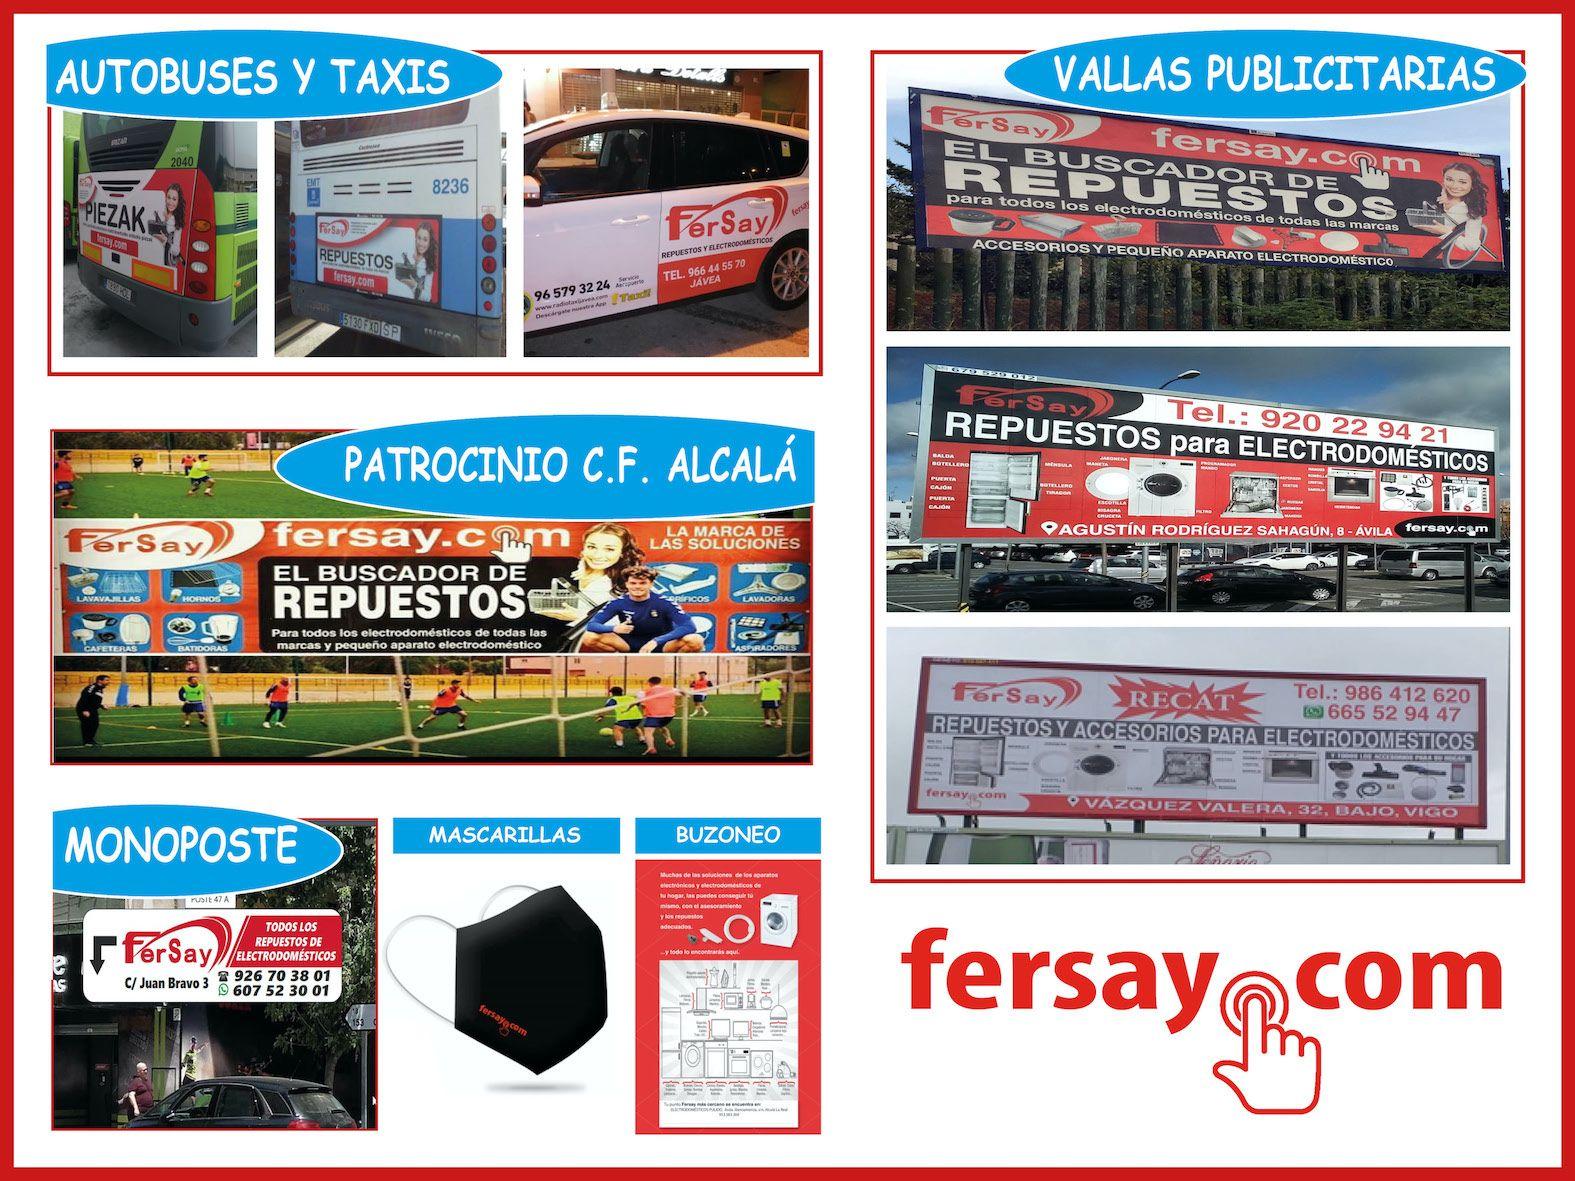 Fuerte campaña de publicidad de  Fersay por toda España